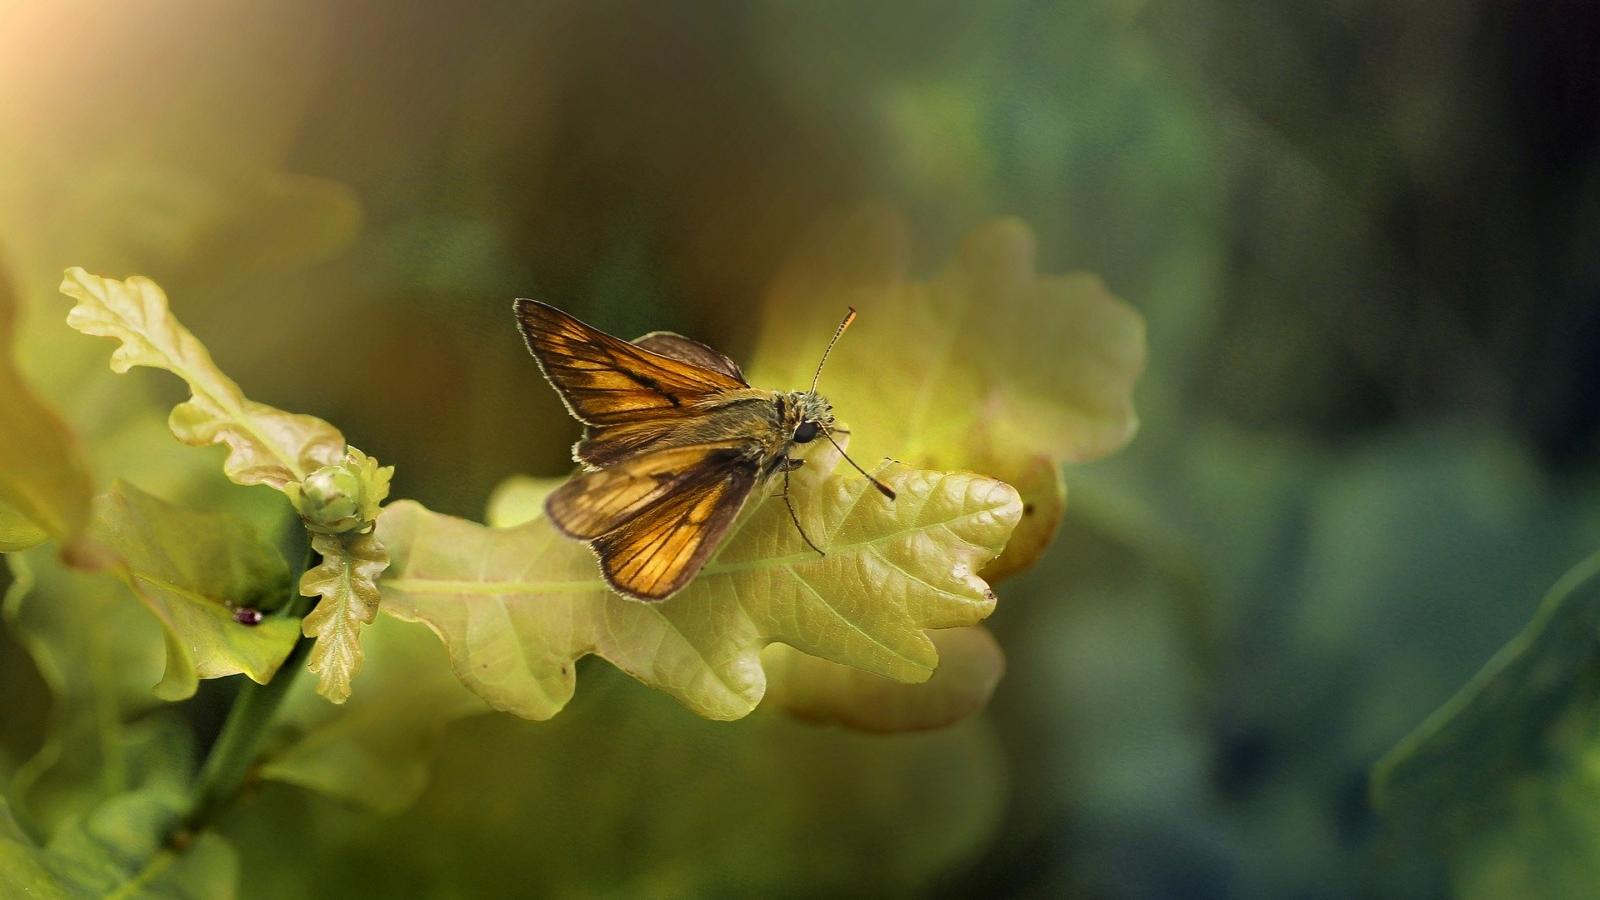 Farfalla arancione poggiata su una foglia gialla